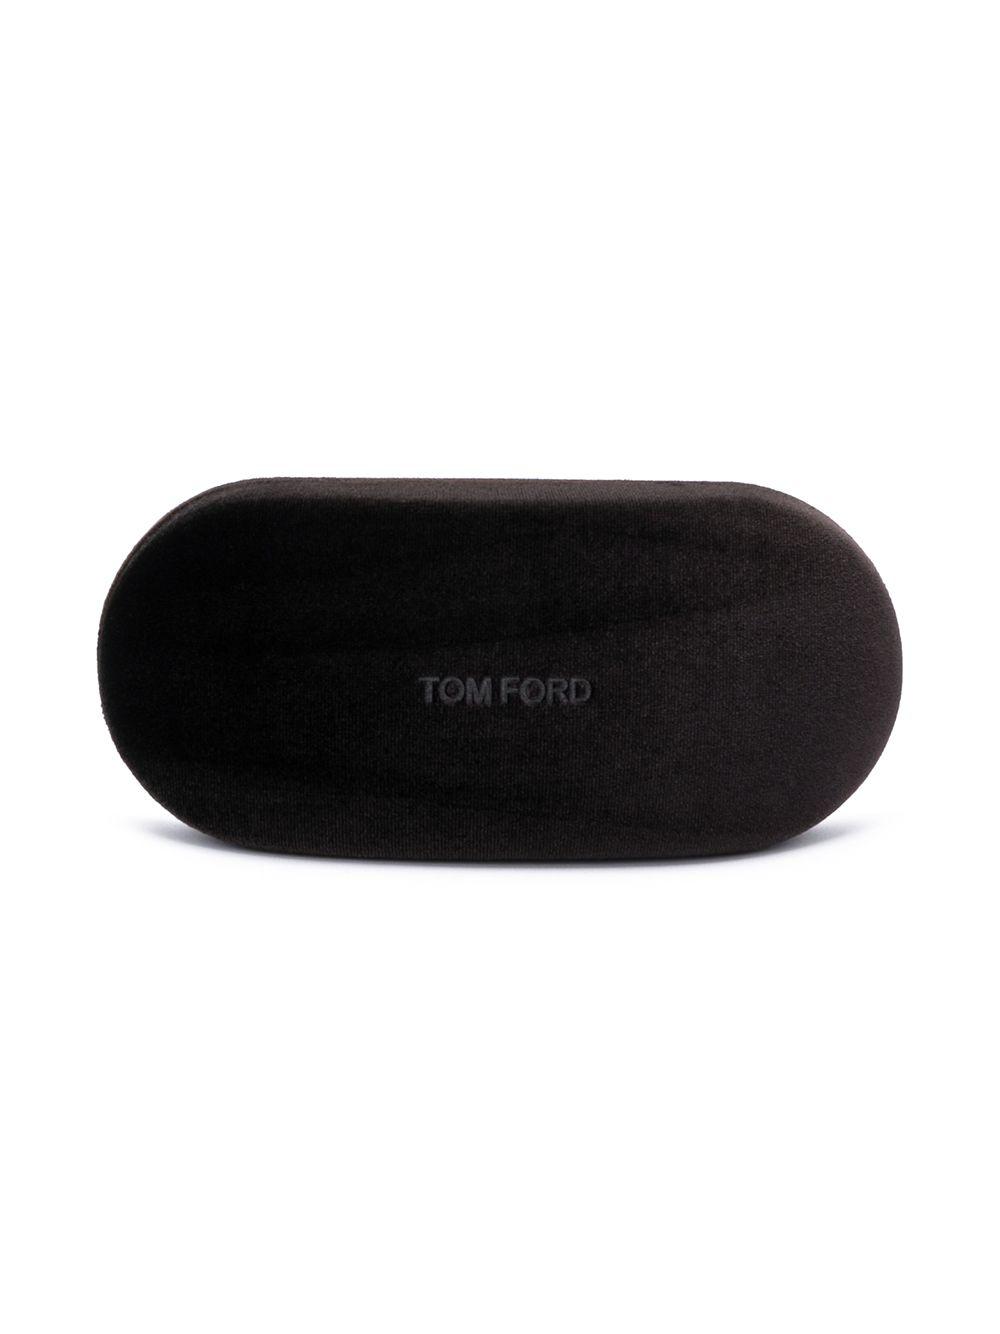 Tom Ford | солнцезащитные очки в оправе 'кошачий глаз' с эффектом градиента | Clouty